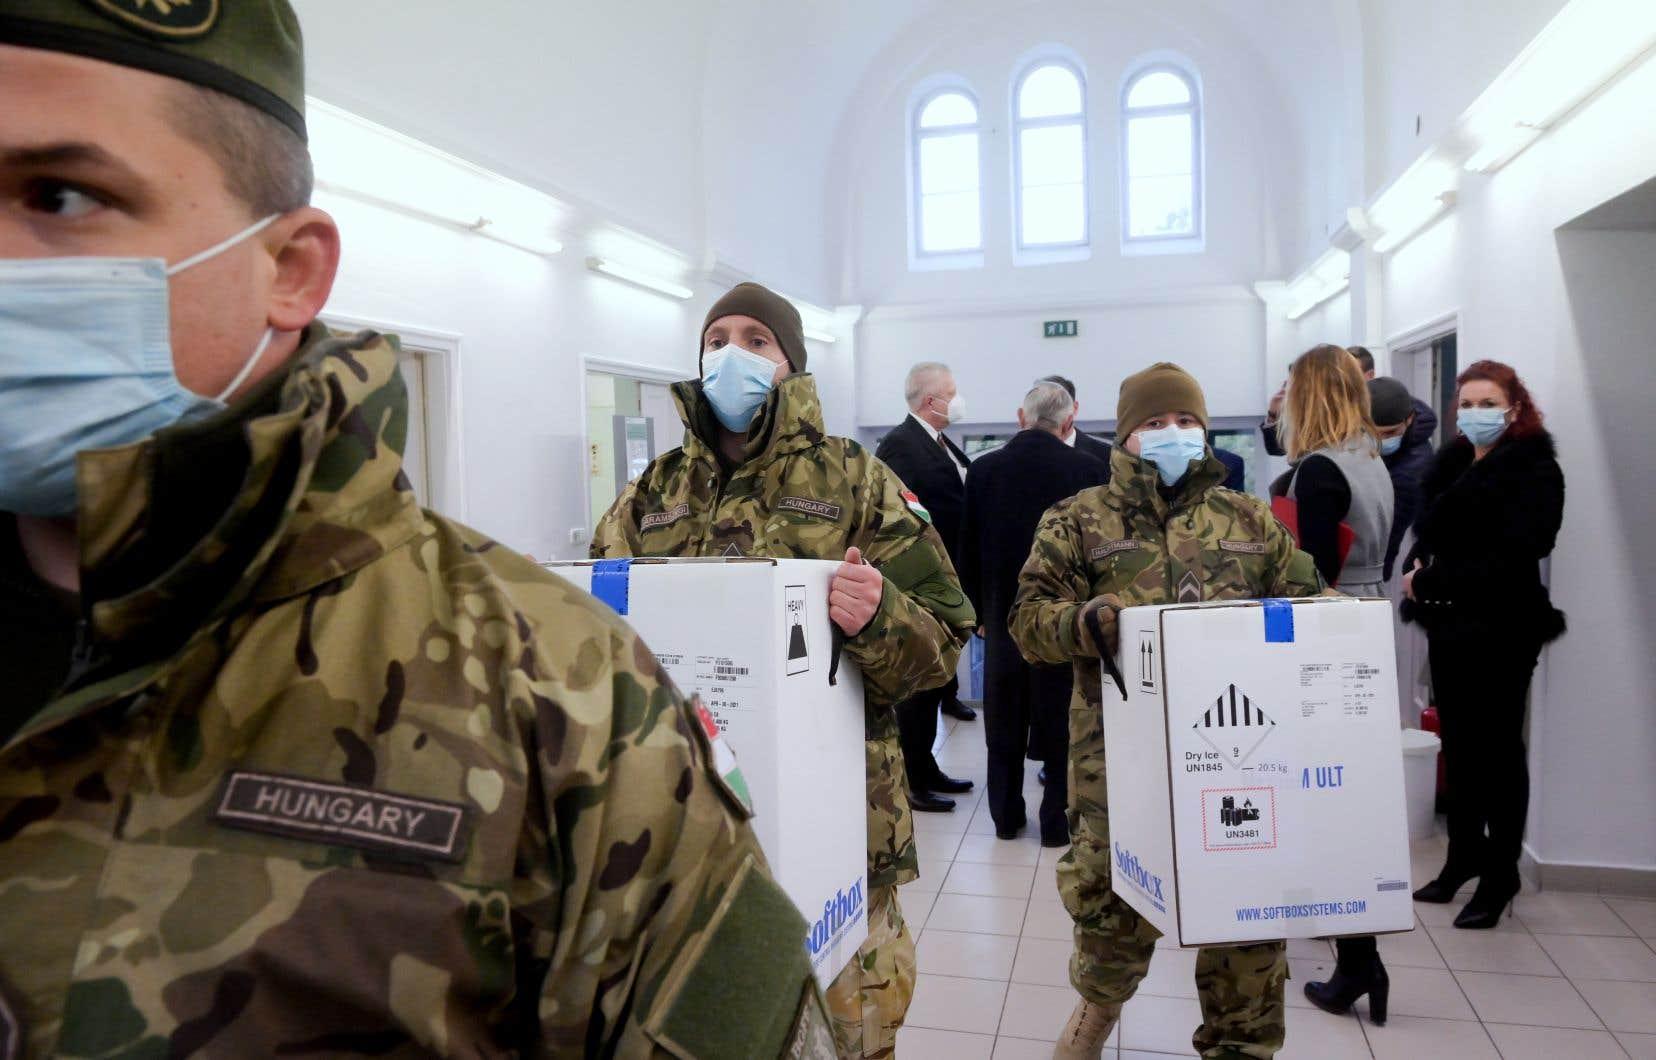 La Hongrie a commencé samedi à vacciner son personnel soignant, quelques heures après avoir reçu ses premières doses, devançant la plupart des pays de l'UE.